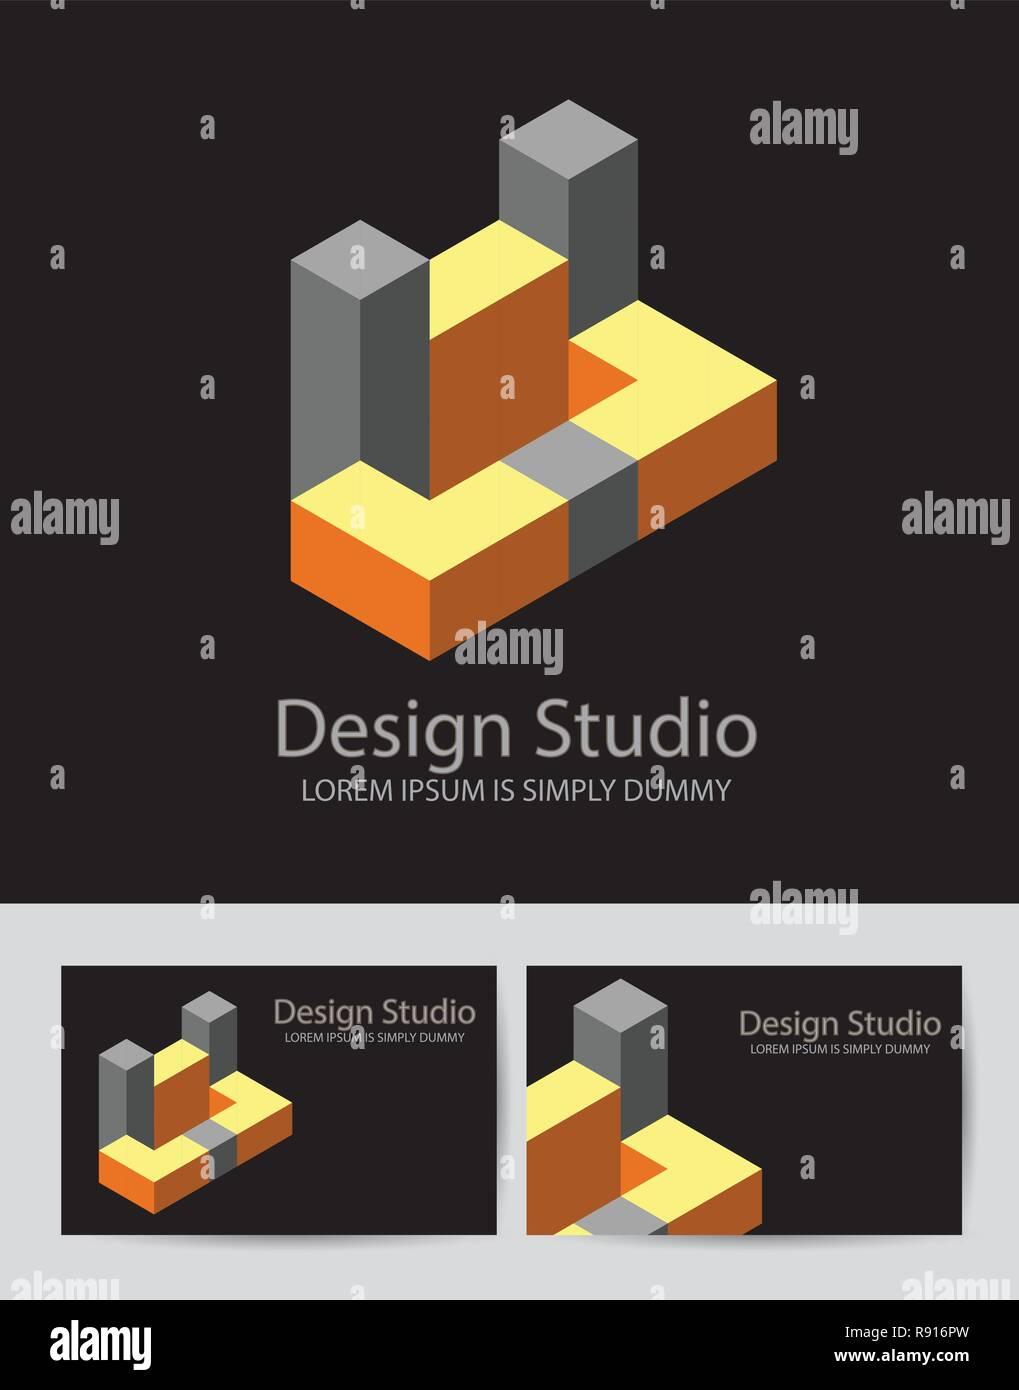 Logotype Abstrait 3D Isometrique Dimensions Modele De Forme Pour Des Cartes Visite Invitations Presentations Et Dimpression